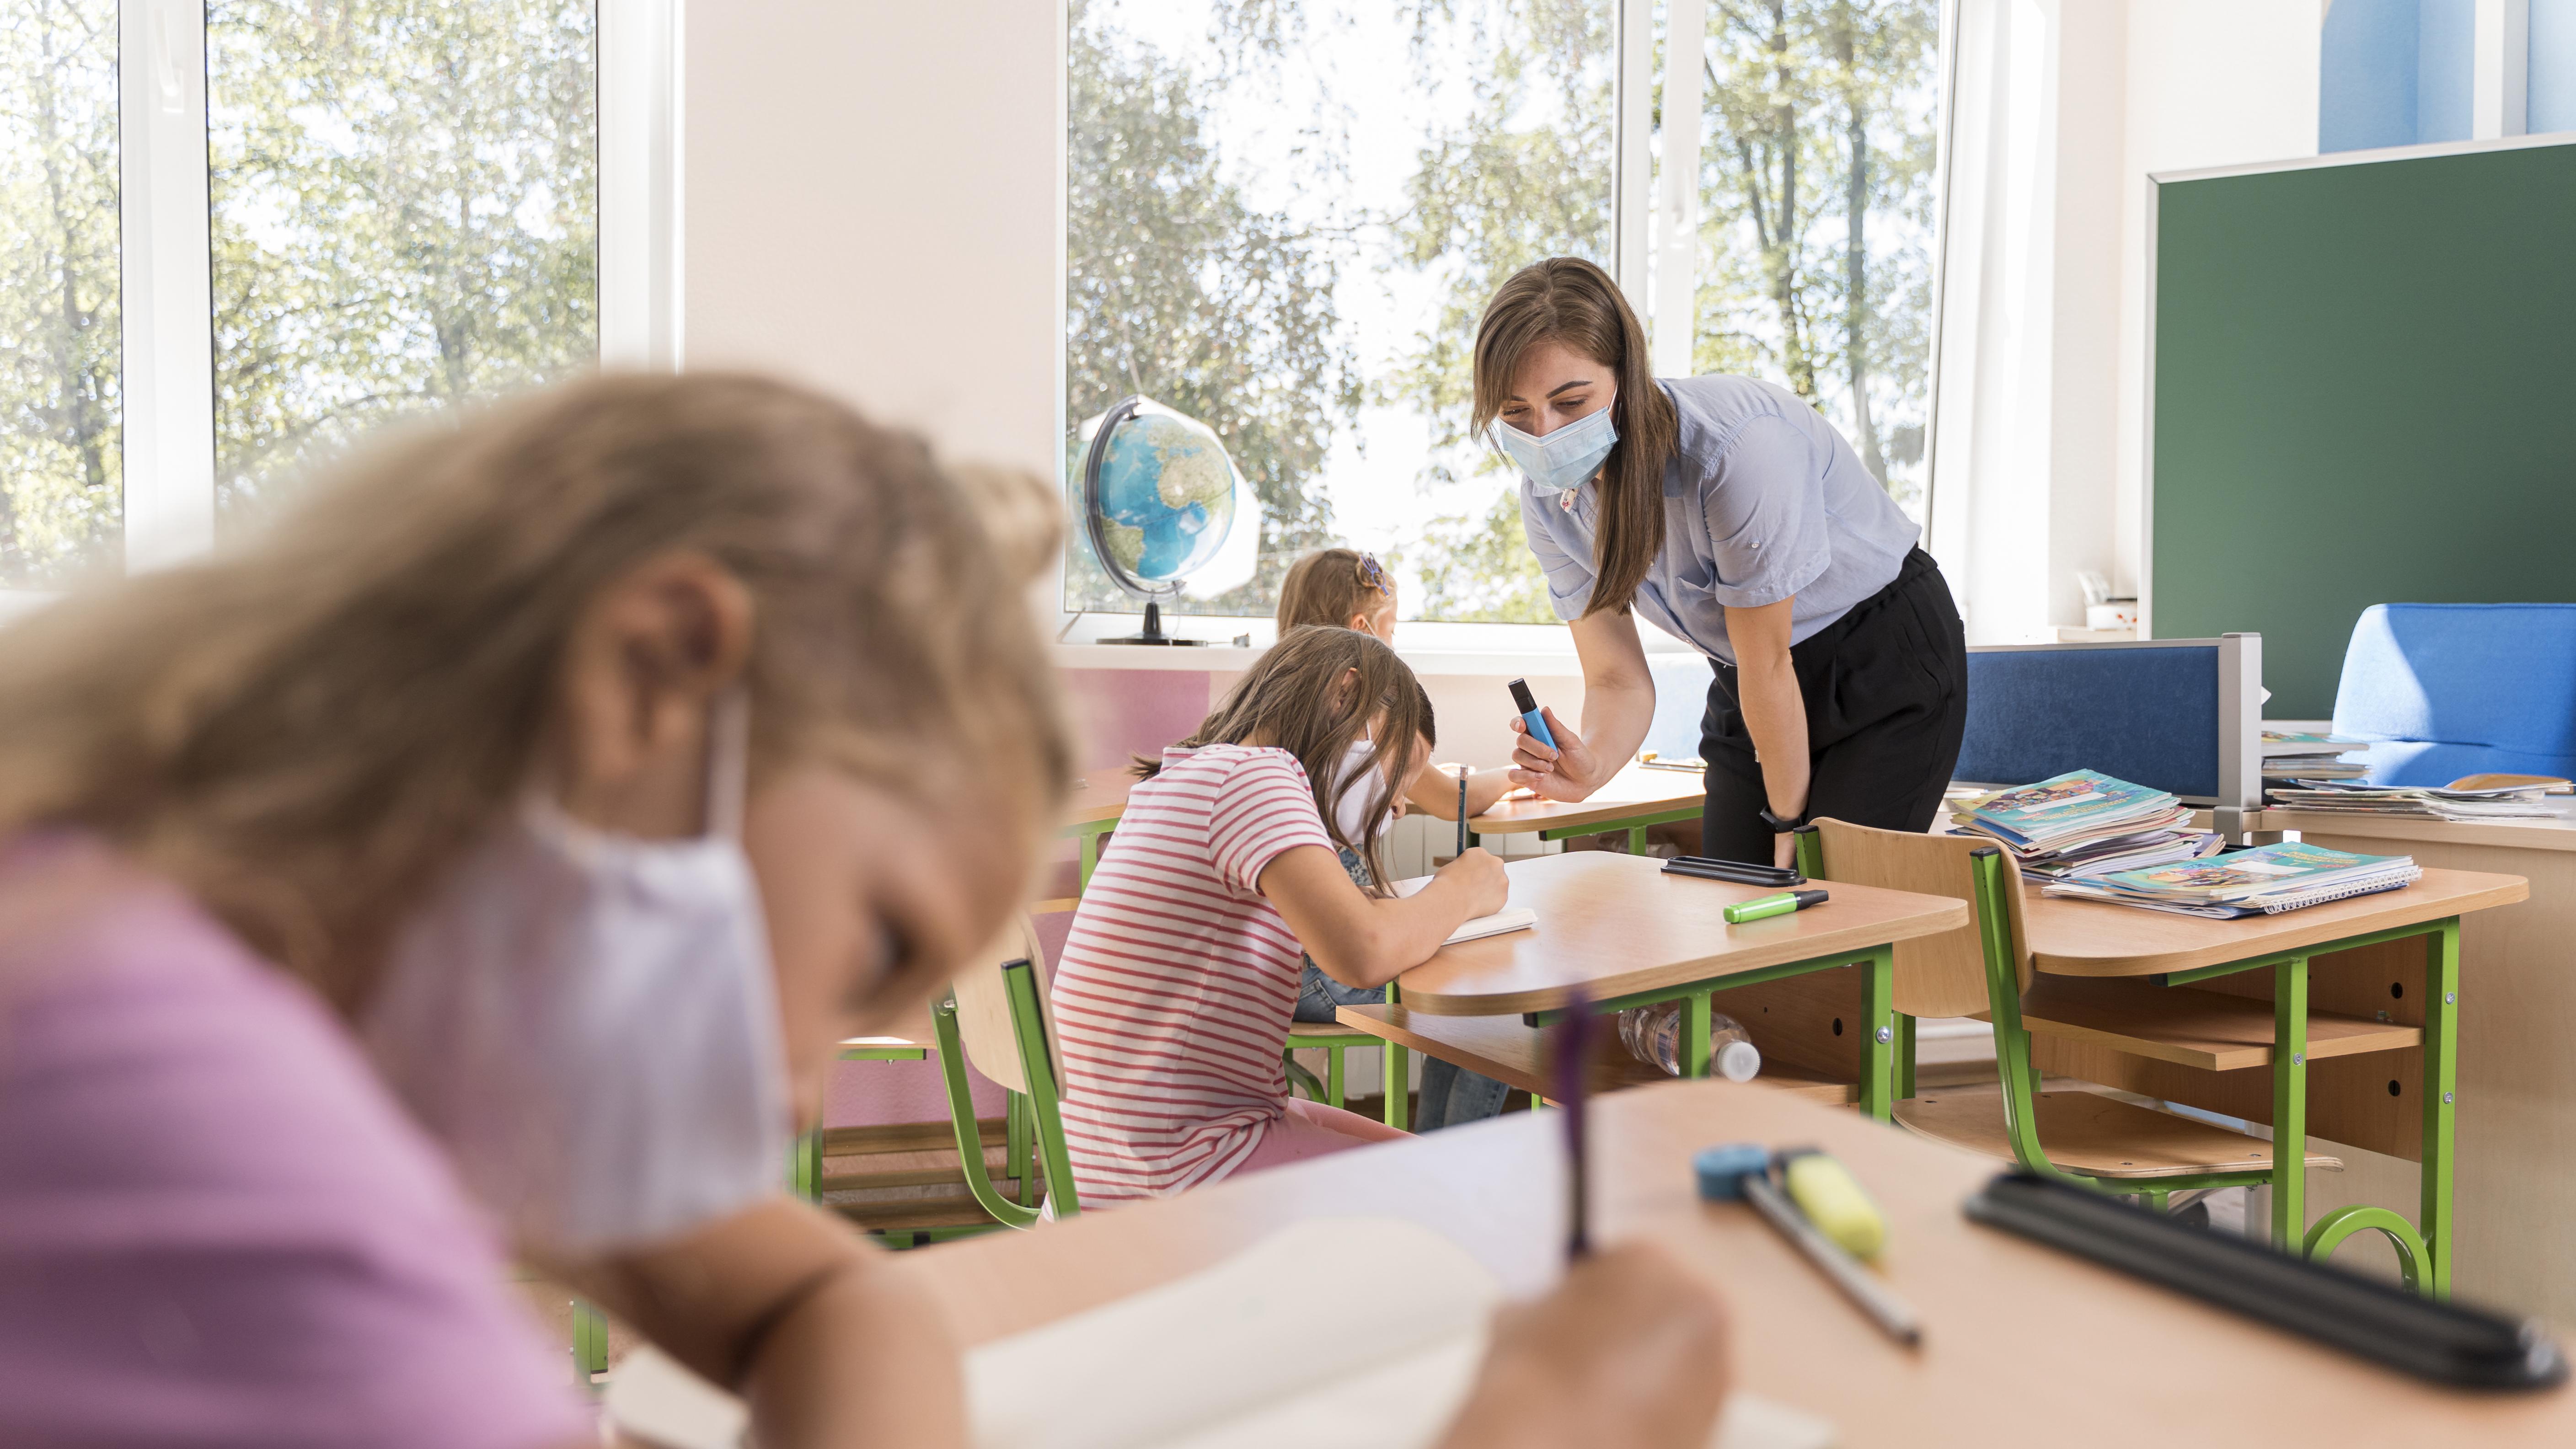 uczniowie i nauczycielka w maseczkach